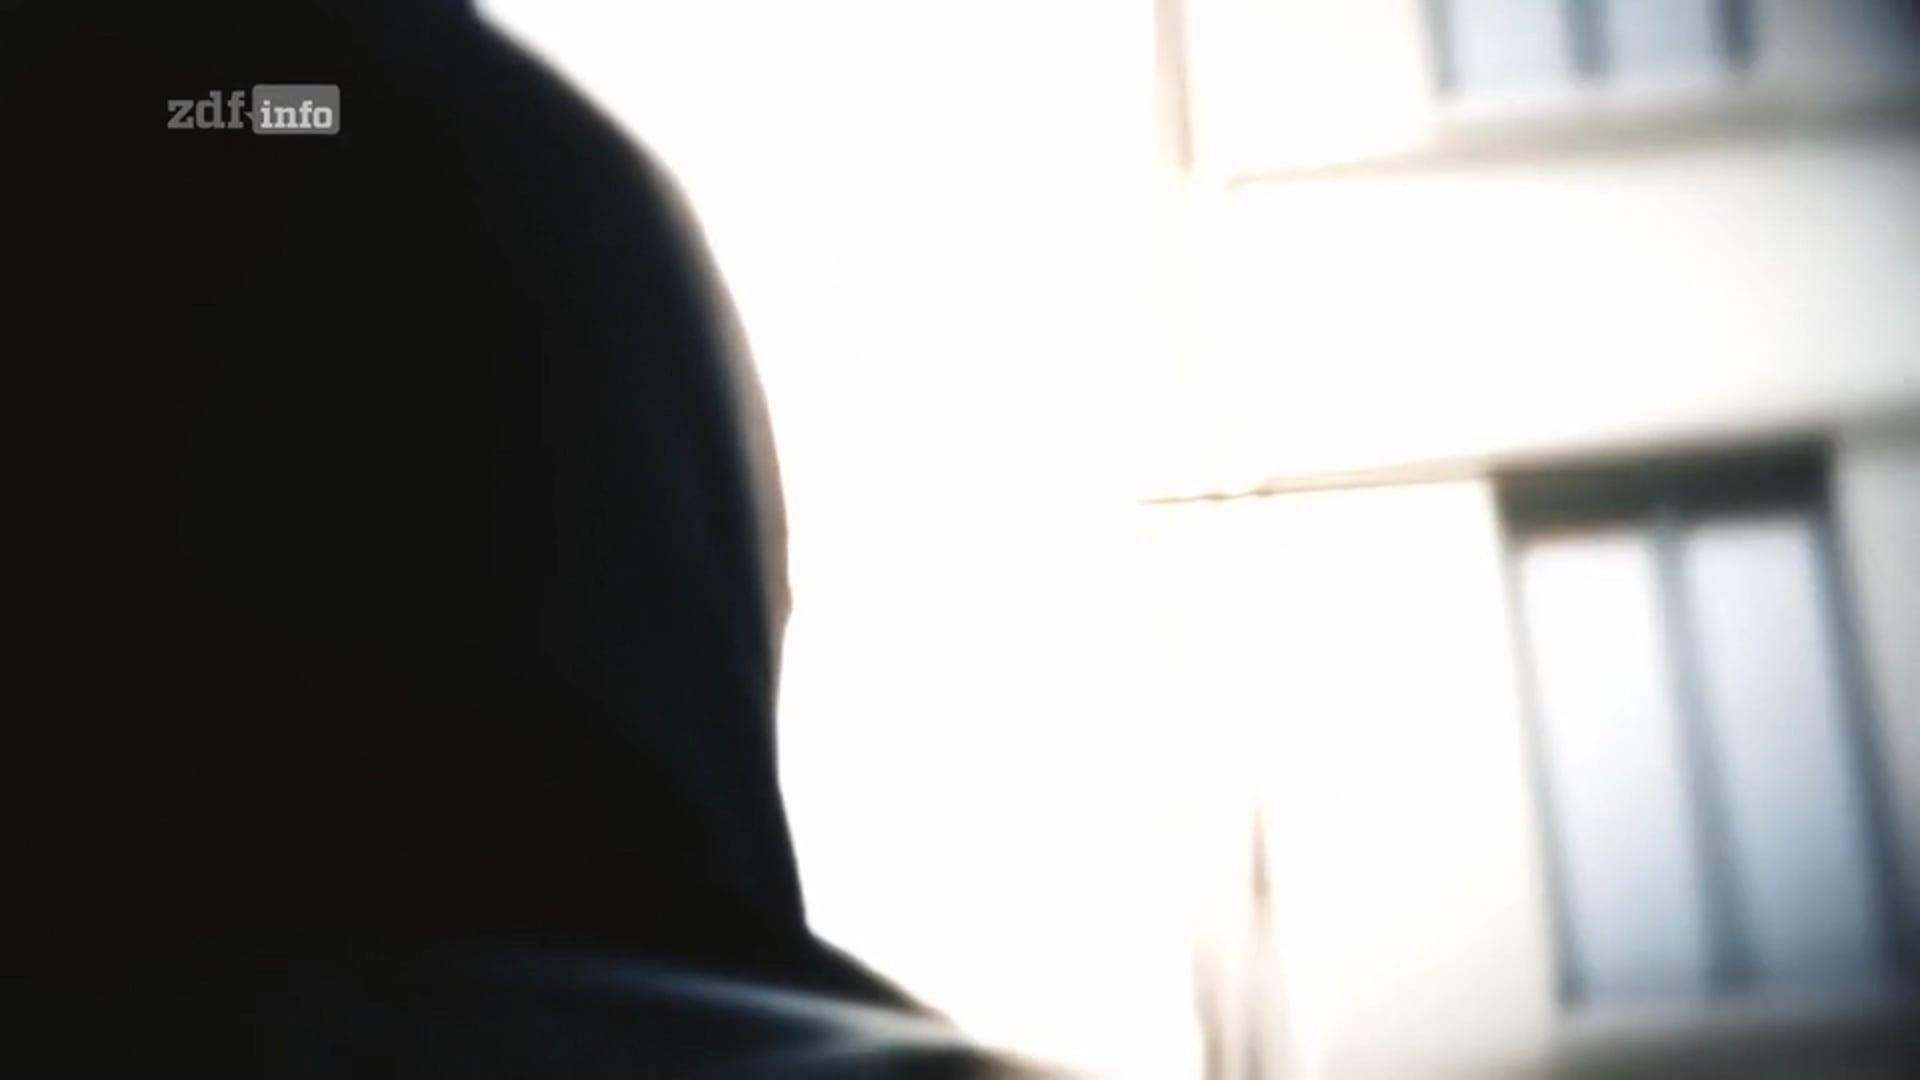 """zdf.info """"Stalking – Die unterschätzte Gefahr"""""""